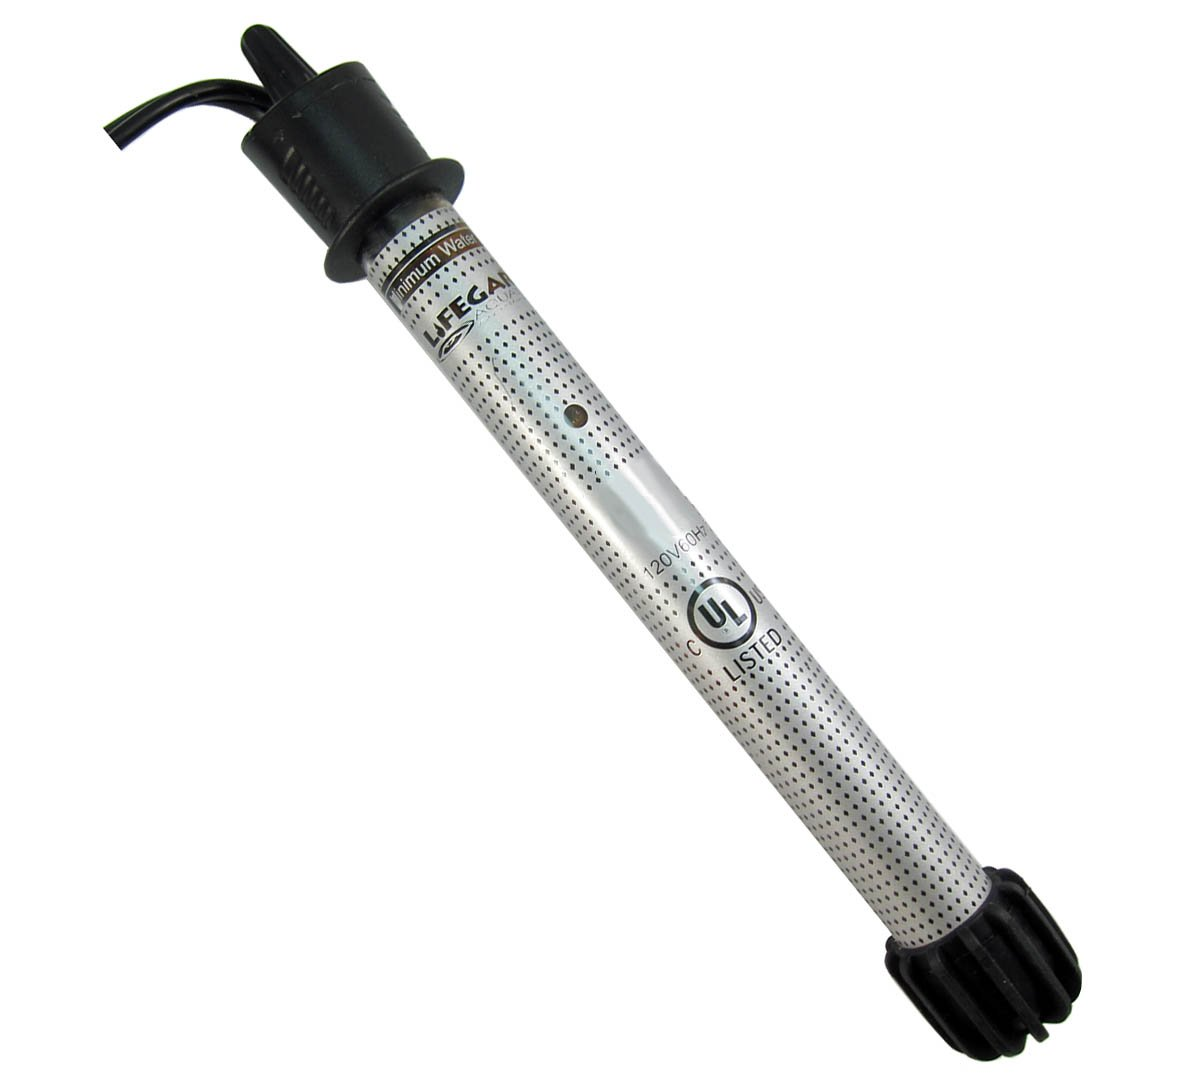 Lifegard Aquatics 300 Watt Adjustable Quartz Glass Aquarium Heater